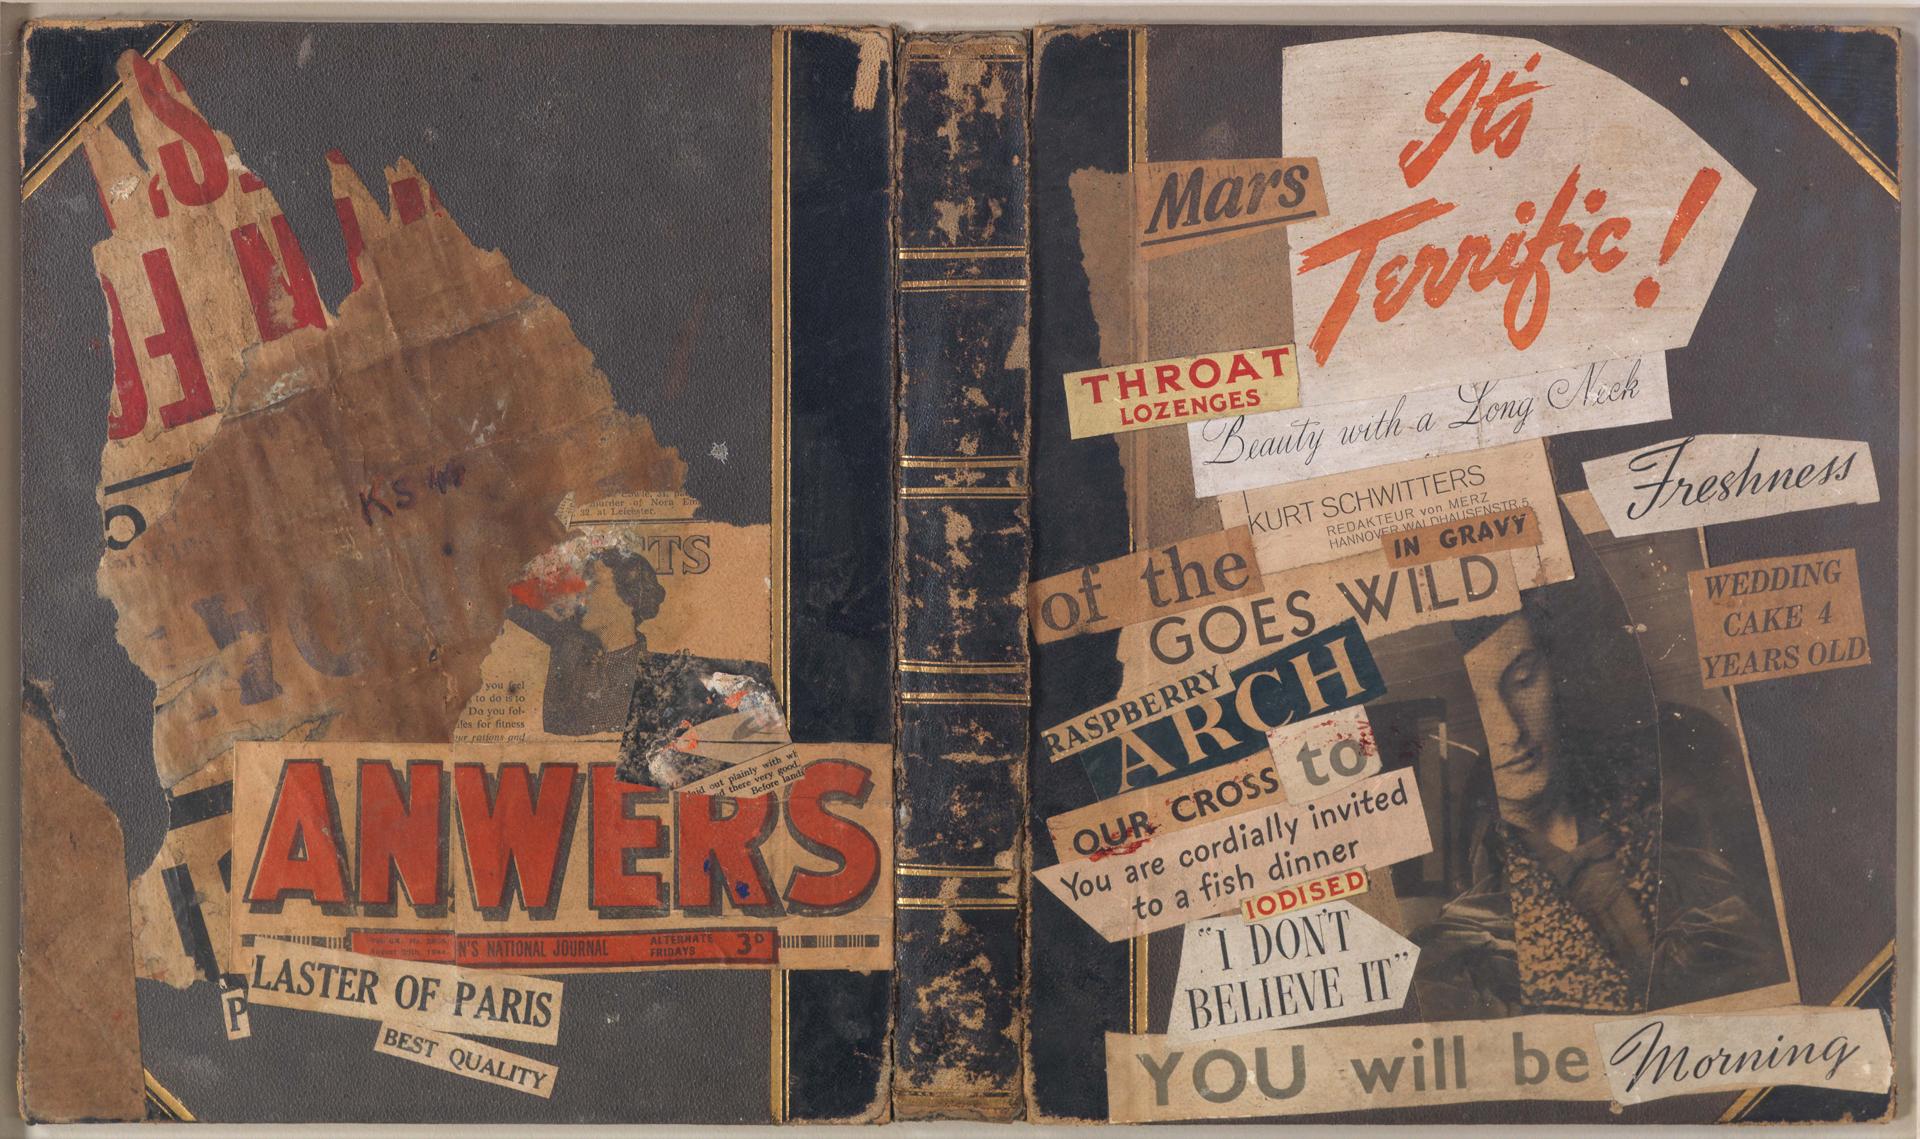 Kurt Schwitters, ohne Titel (Its terrifc!), 1944, Merzzeichnung, Collage auf ledergebundenem Buchdeckel, 31,5 x 53,5 cm